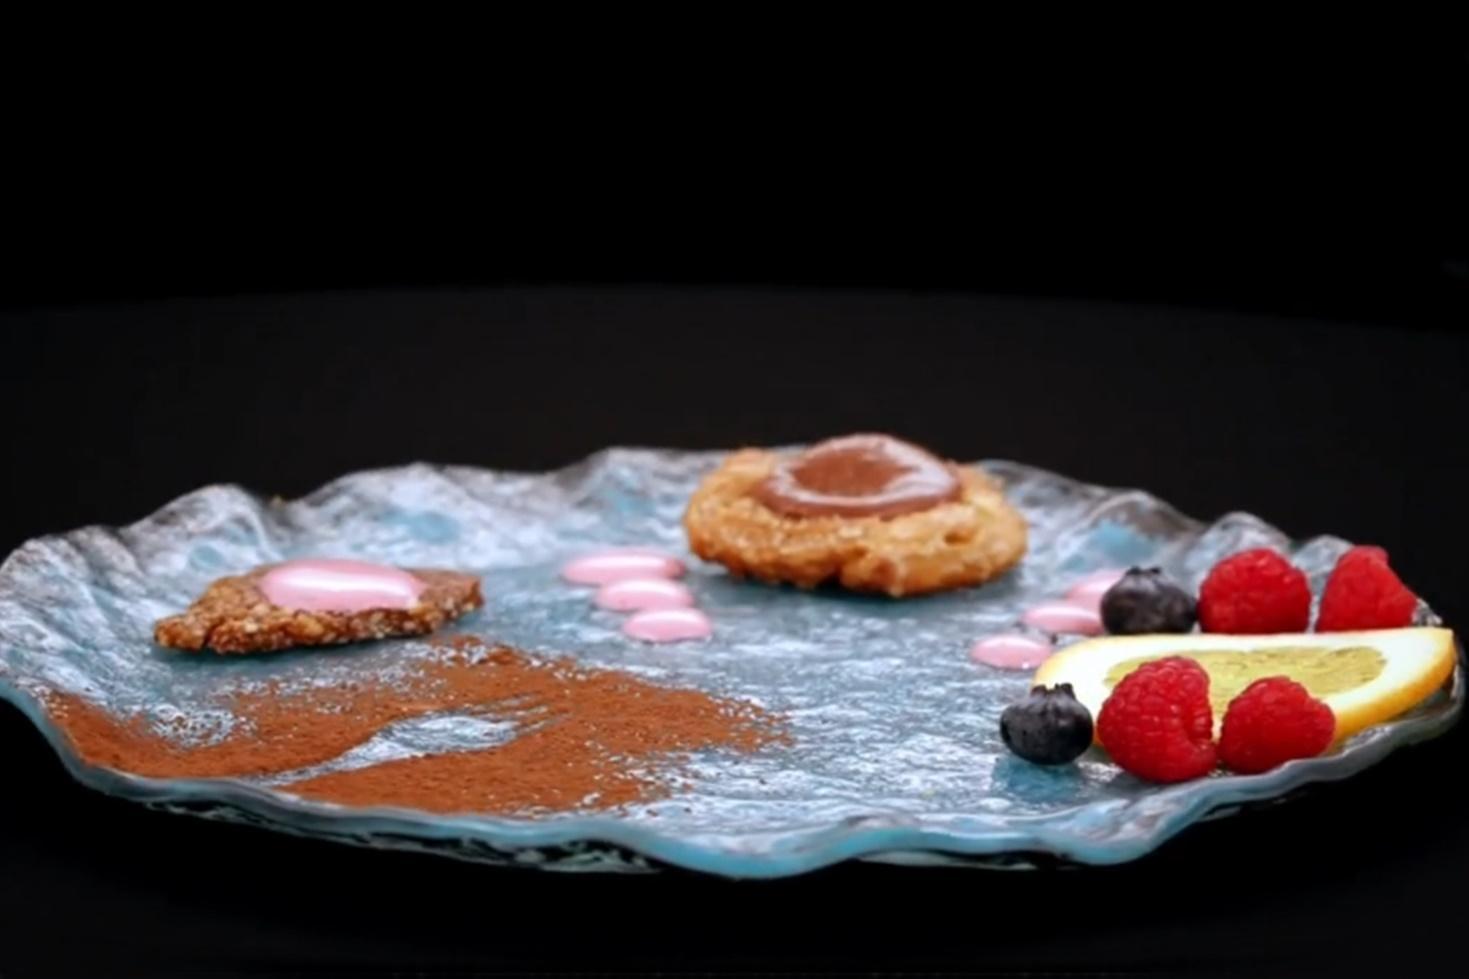 Chefi la cuțite, 6 aprilie 2021. Mousse de ciocolată cu migdale caramelizate și spumă de zmeură, rețeta lui Luca Lazarof